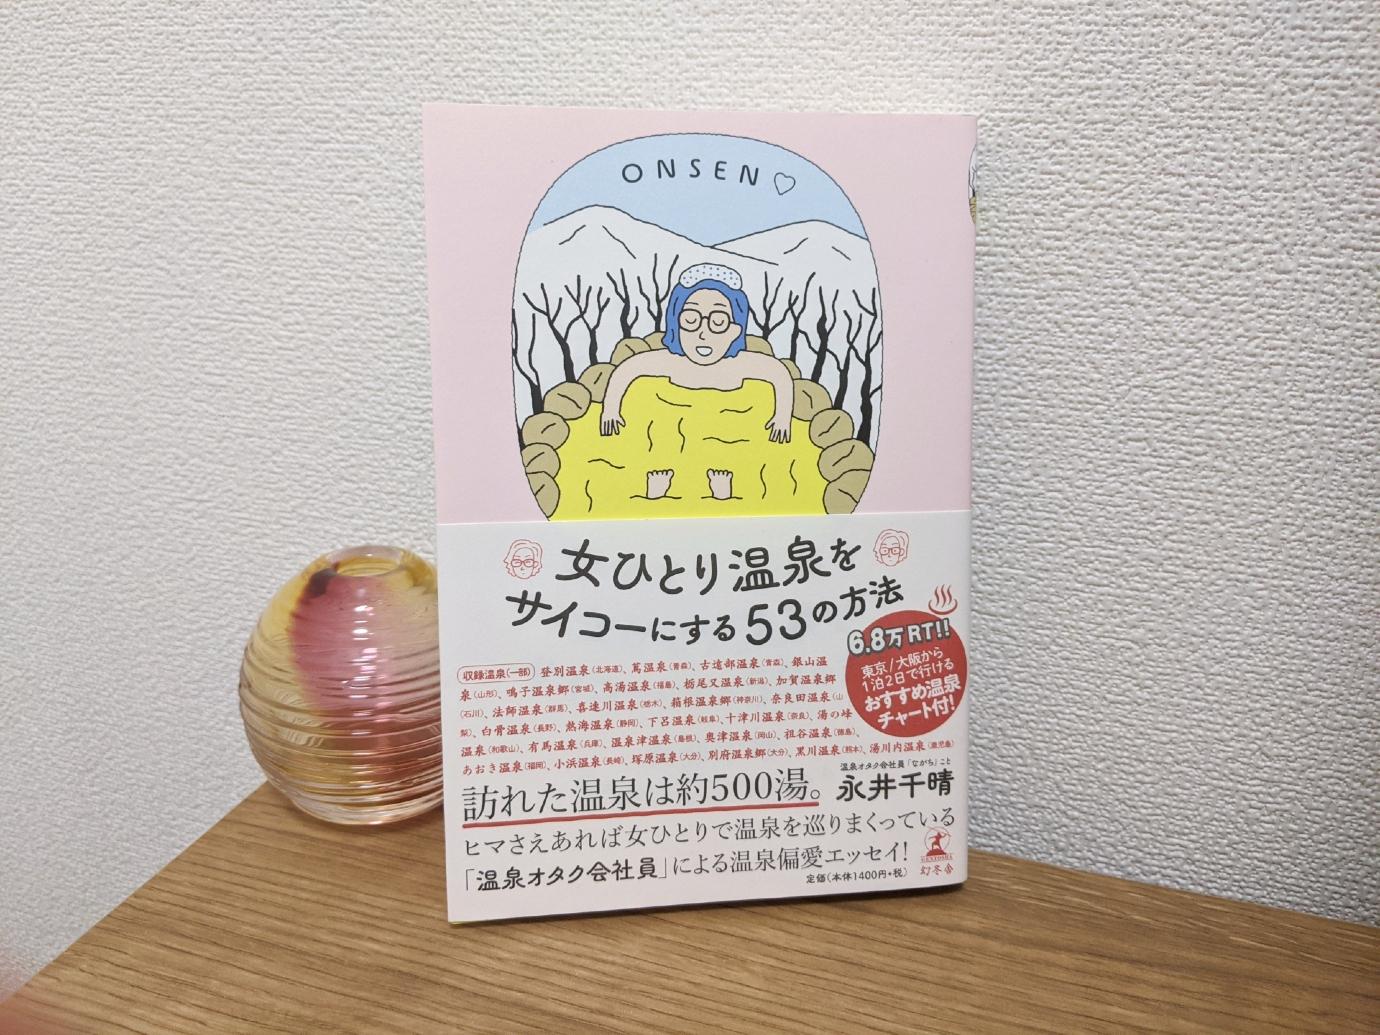 温泉オタク・永井千晴さんに聞く「本当に好きなことでパラキャリするために、私が大事にしてること」